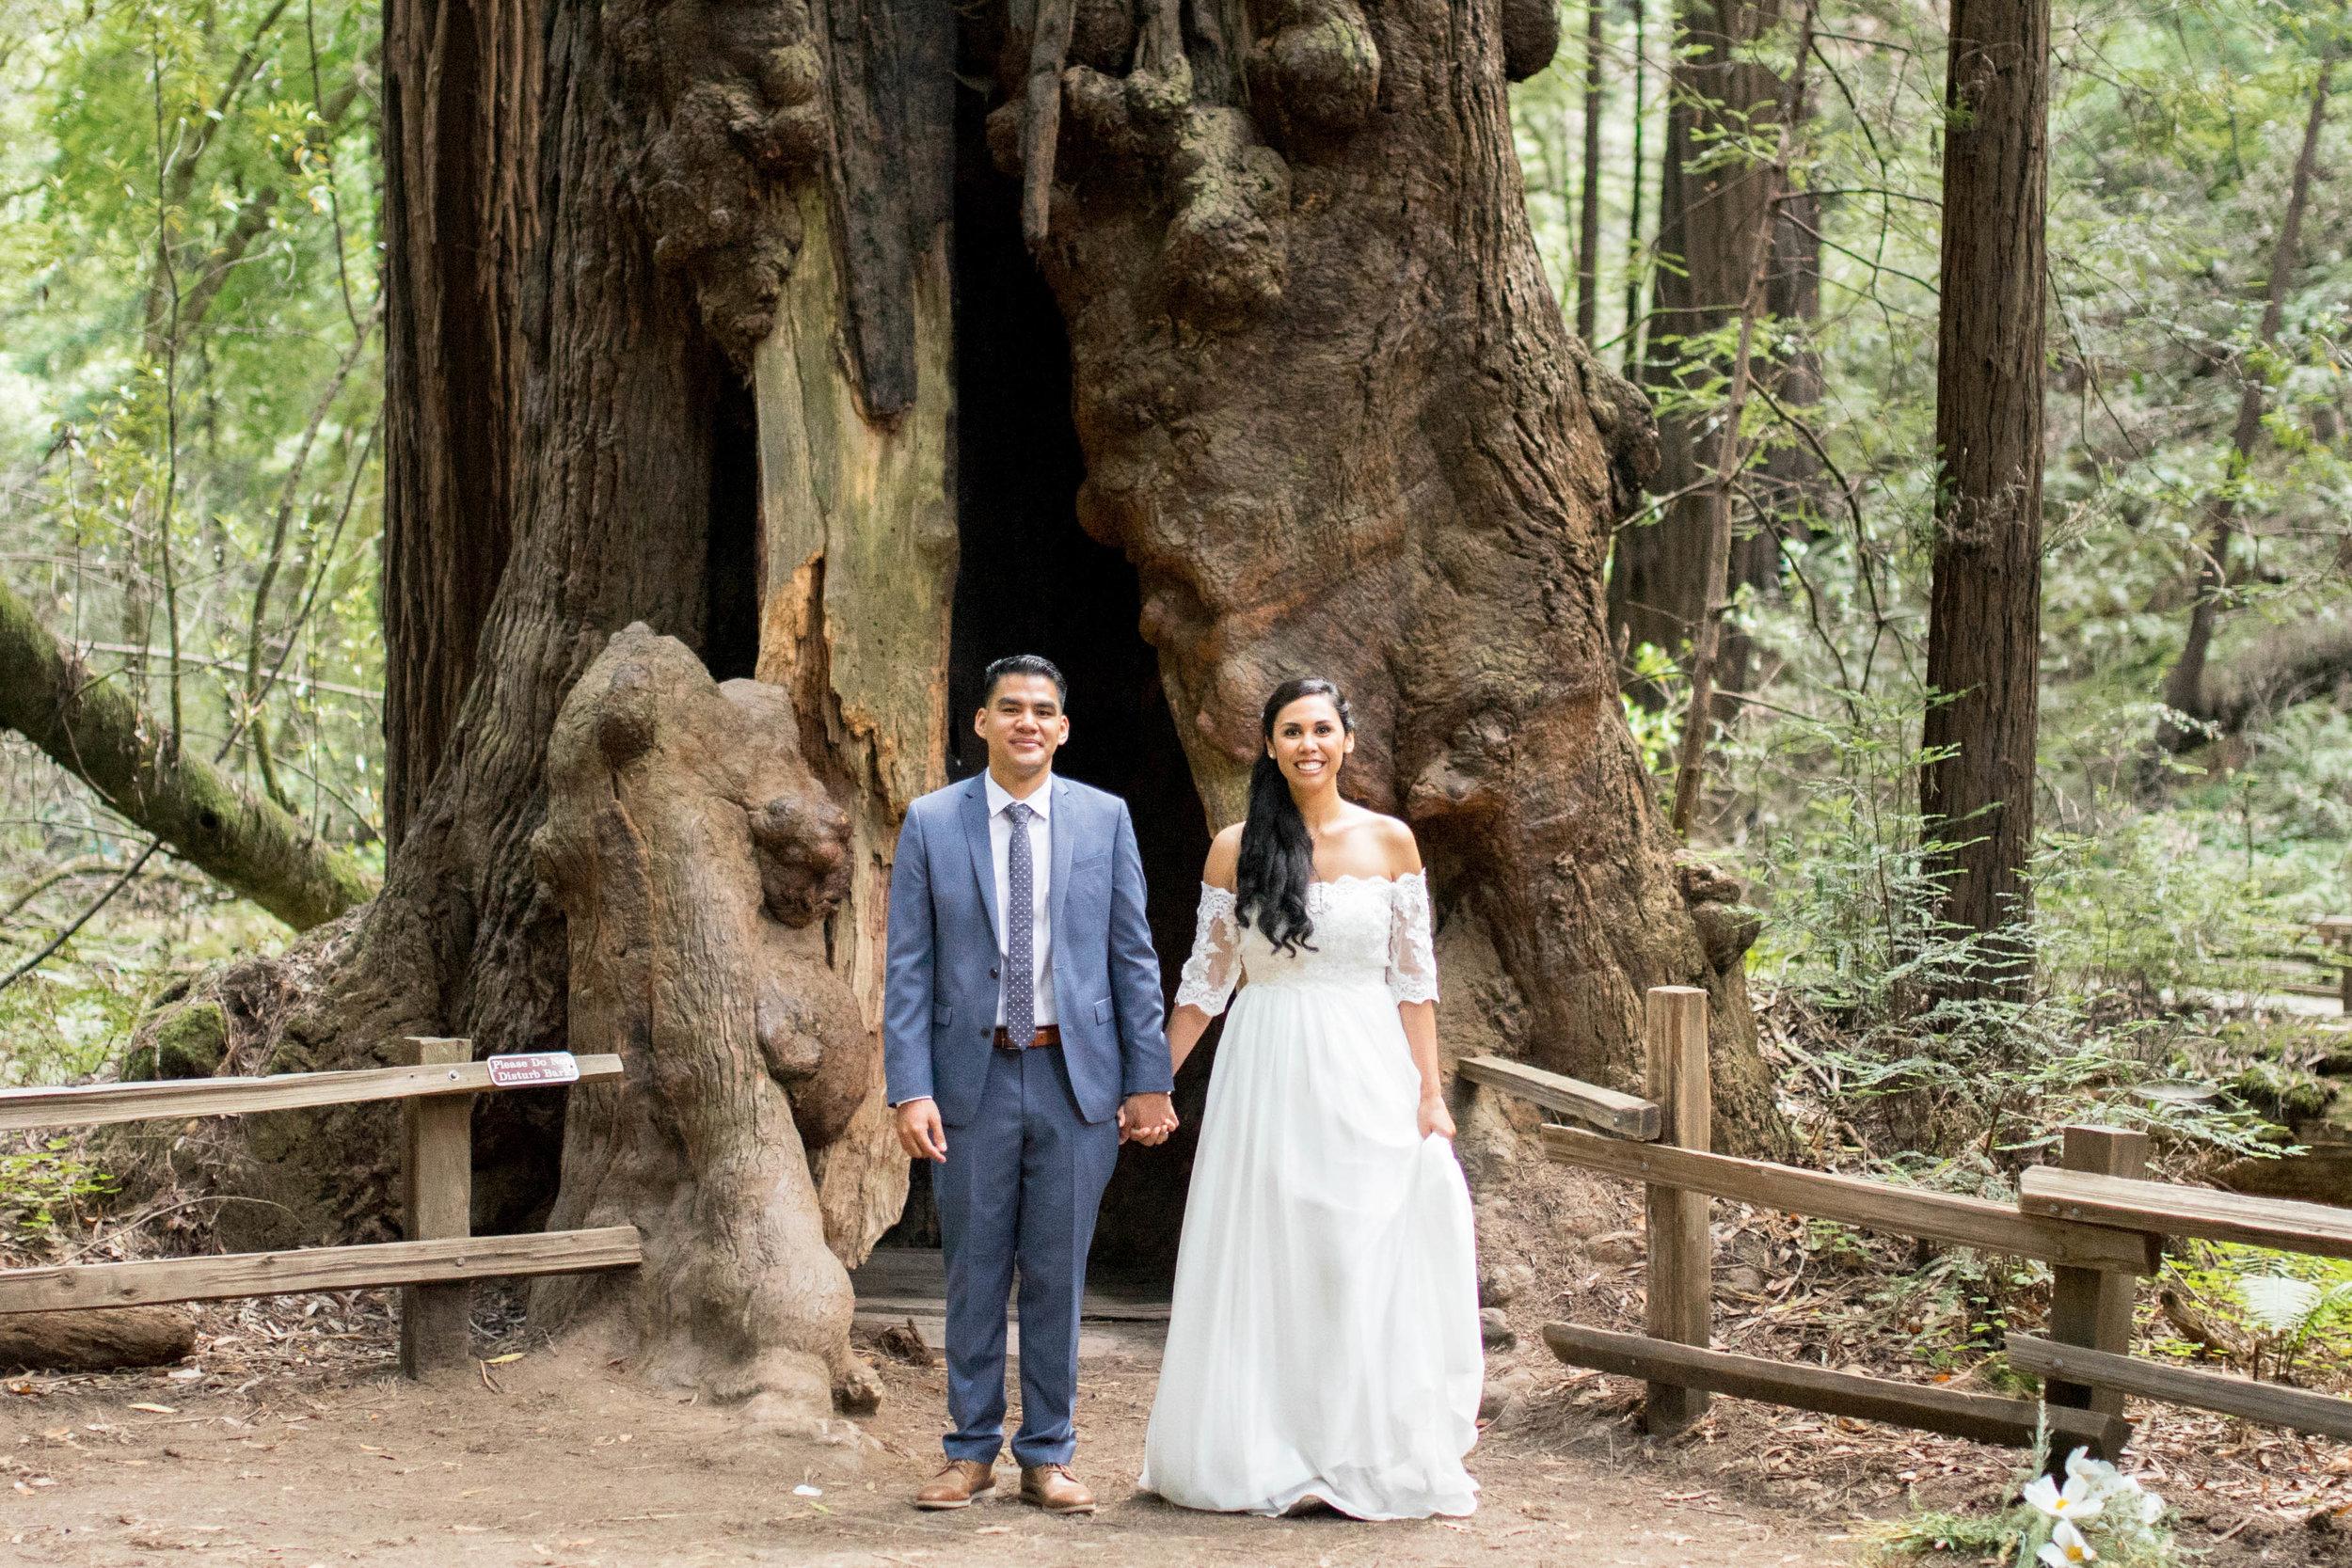 008_Krysten-Crebin-Muir-Woods-Elopement-Wedding-Photographer.jpg